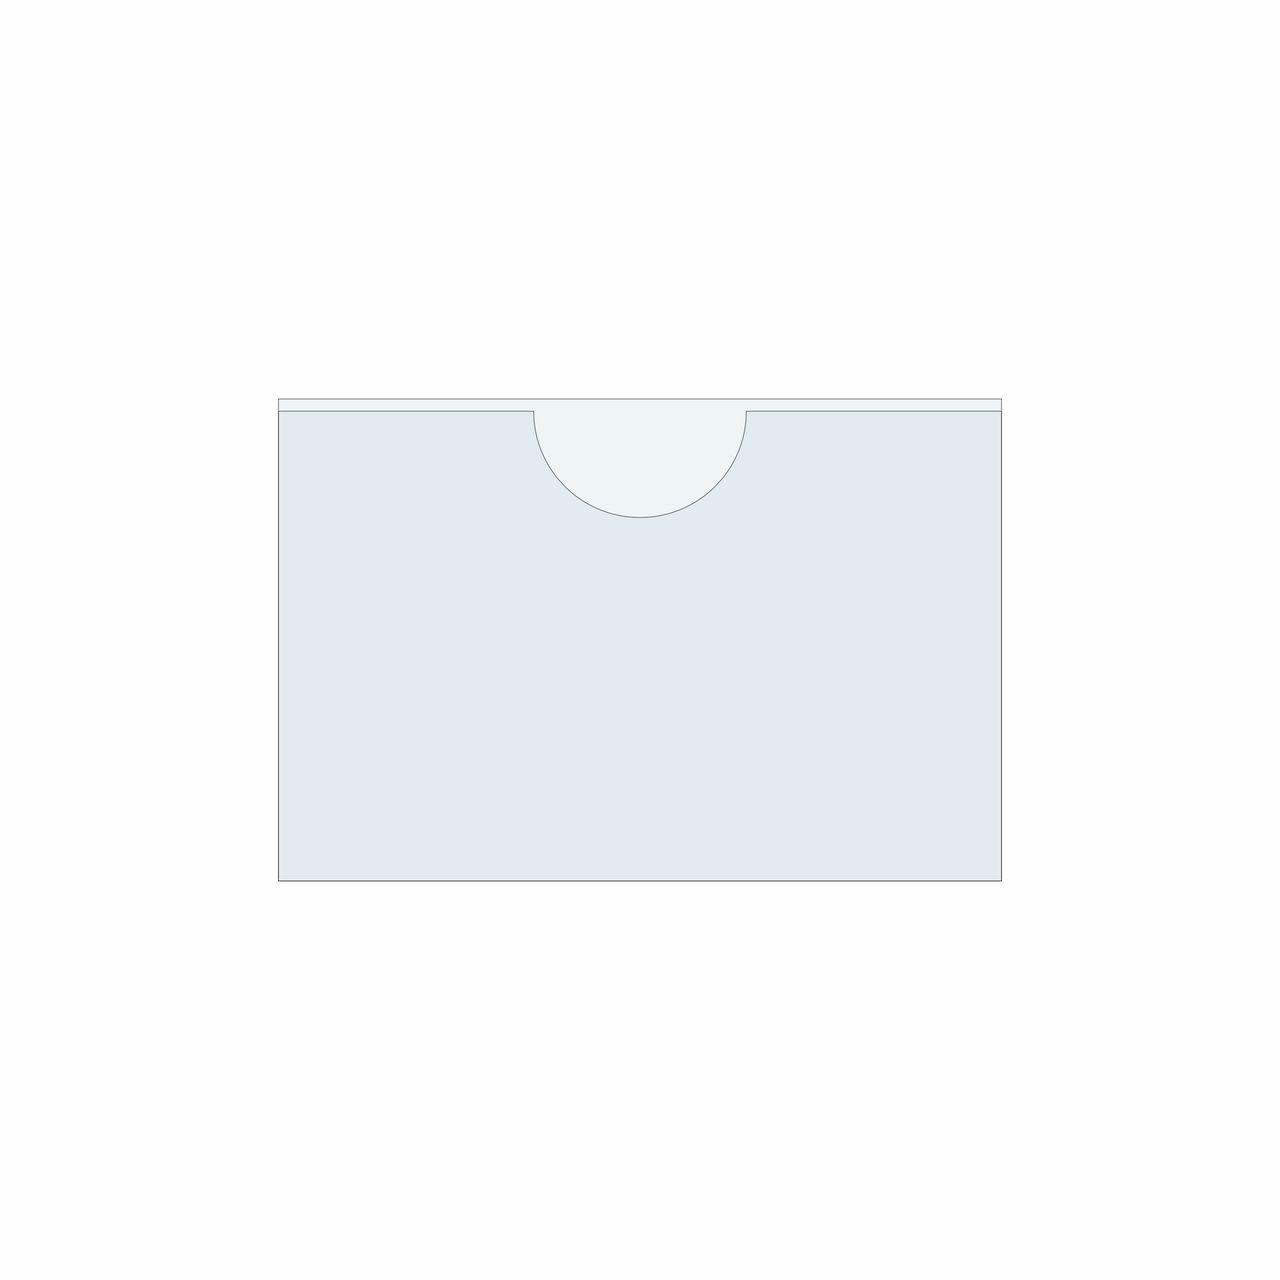 Identificador de gaveta tipo V  - Towbar Sinalização de Segurança